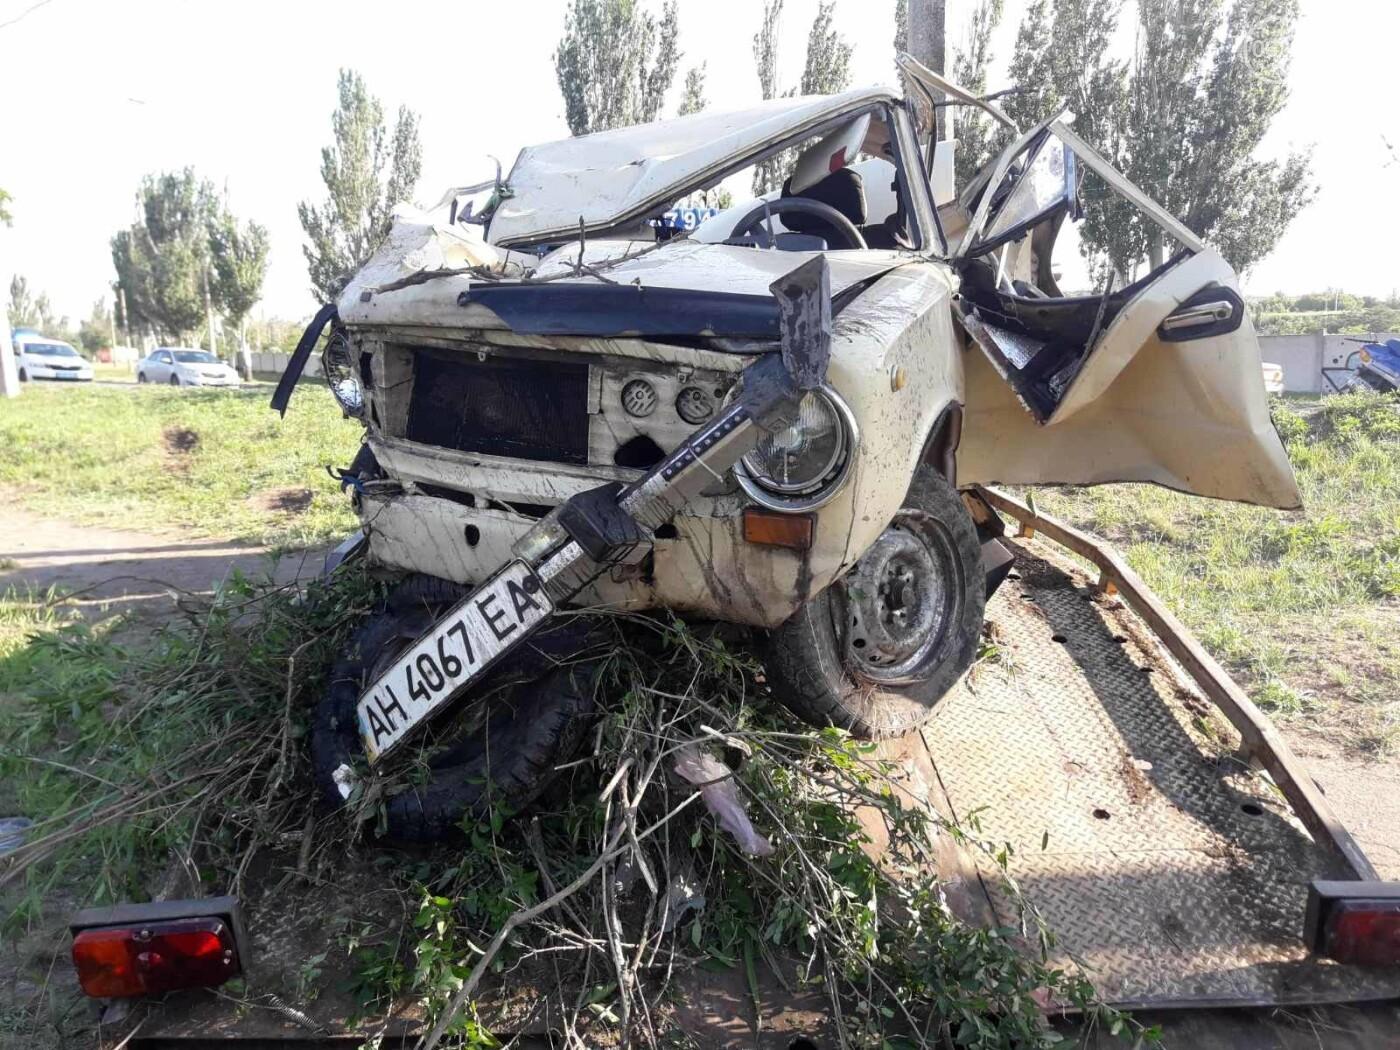 Серьезная авария в Кальмиусском районе. ВАЗ с пассажирами вылетел в кювет, четверо пострадавших, - ФОТО, фото-7